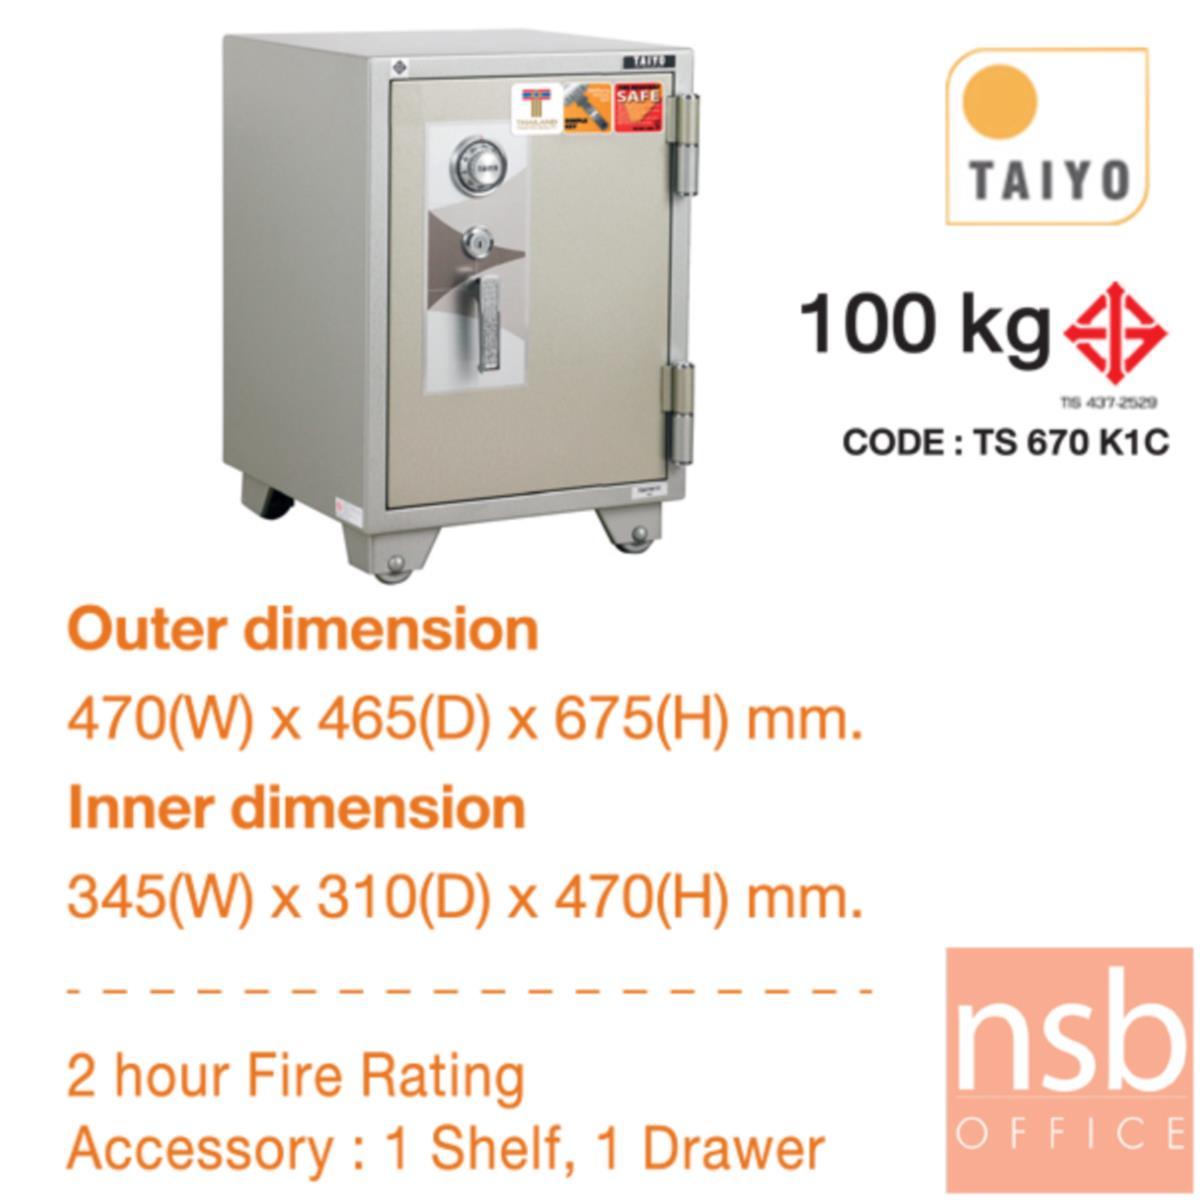 ตู้เซฟ TAIYO 100 กก. 1 กุญแจ 1 รหัส   (TS 670 K1C มอก.)